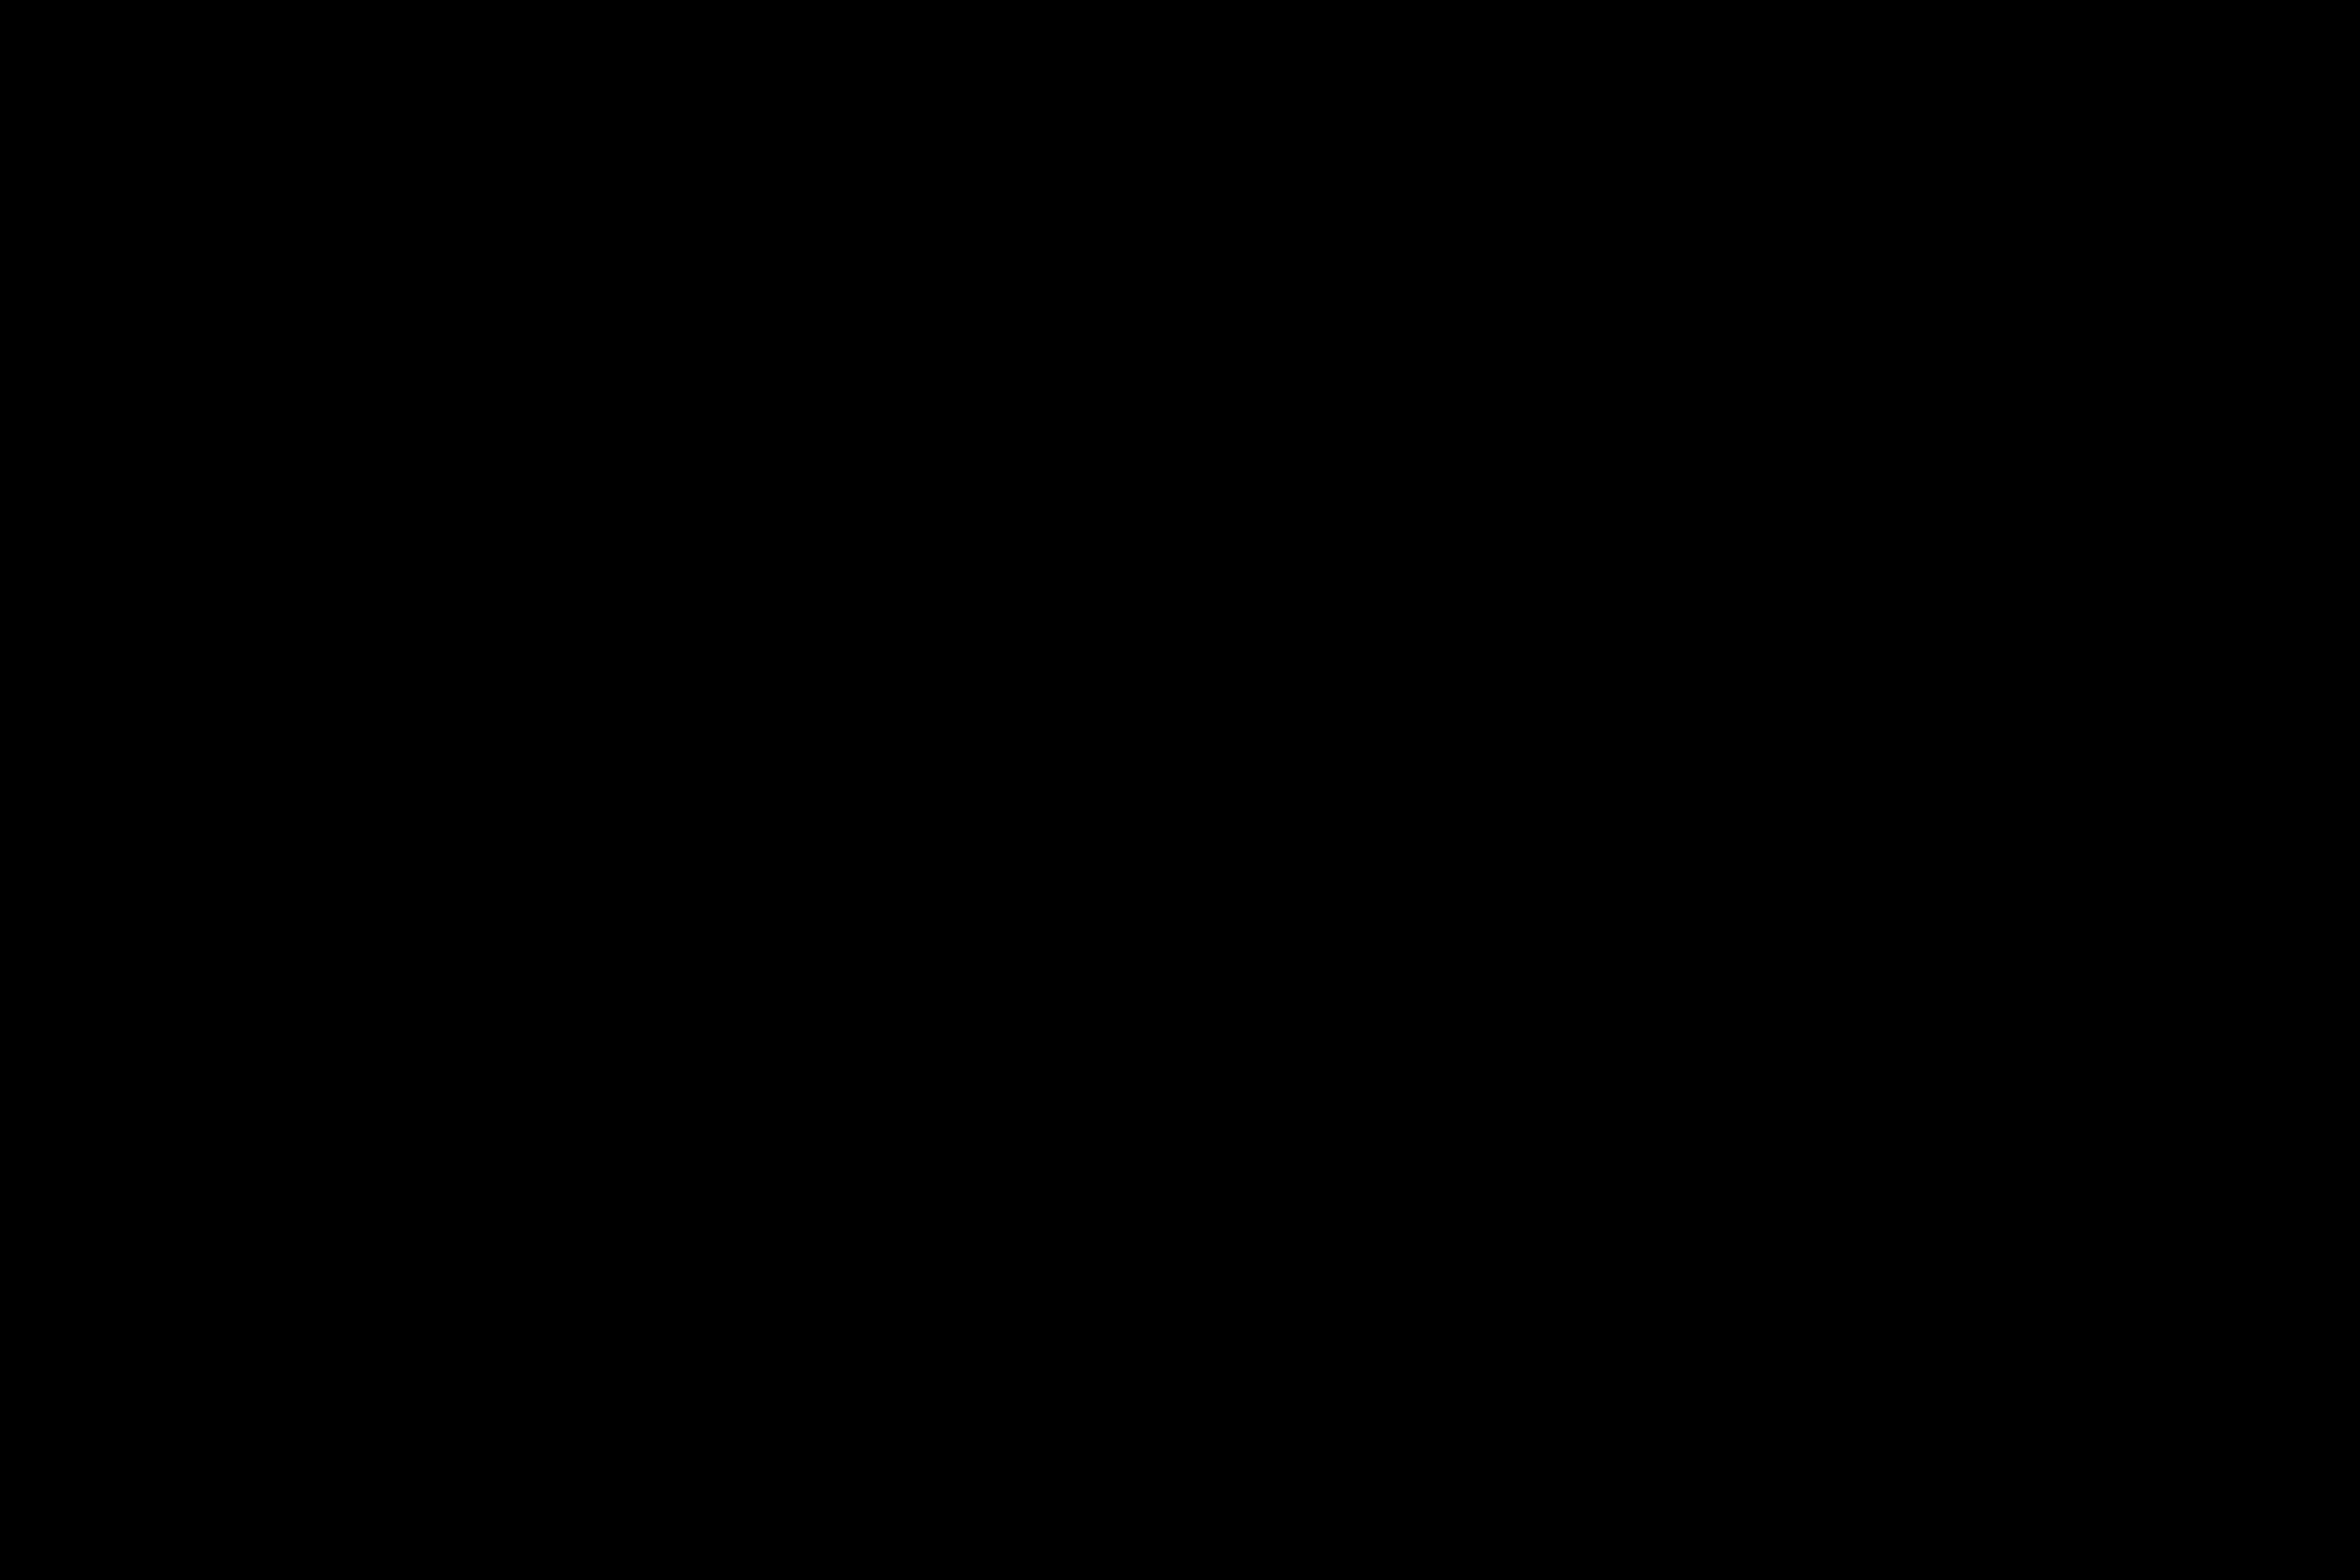 """Cuissard sans bretelles Dame Pro Light """"semaine fédérale de COGNAC 2019"""""""